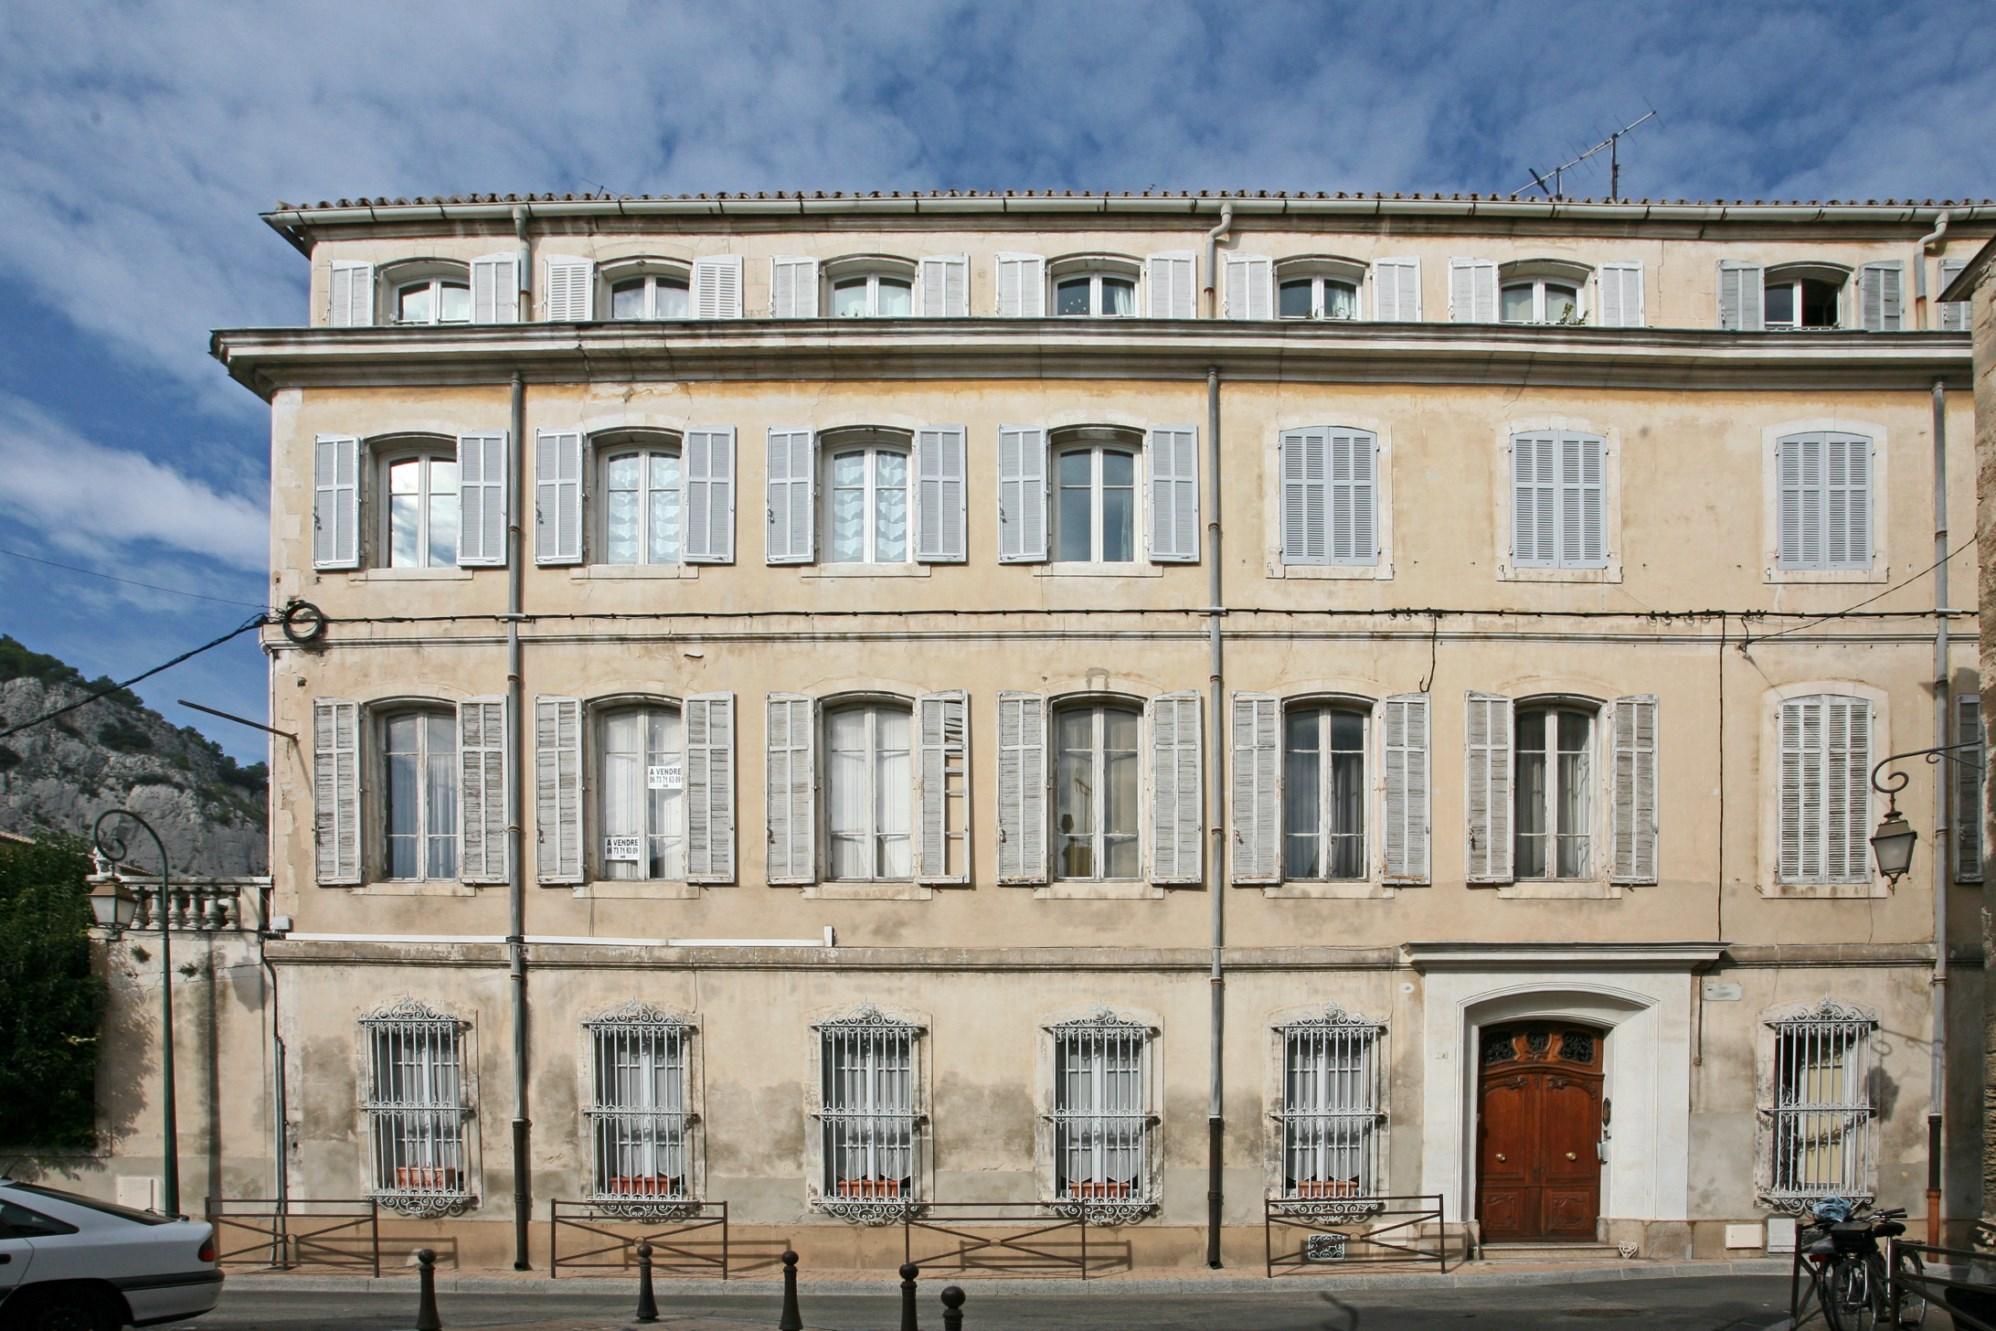 ventes superbe appartement vendre au c ur d 39 un immeuble bourgeois en provence agence rosier. Black Bedroom Furniture Sets. Home Design Ideas